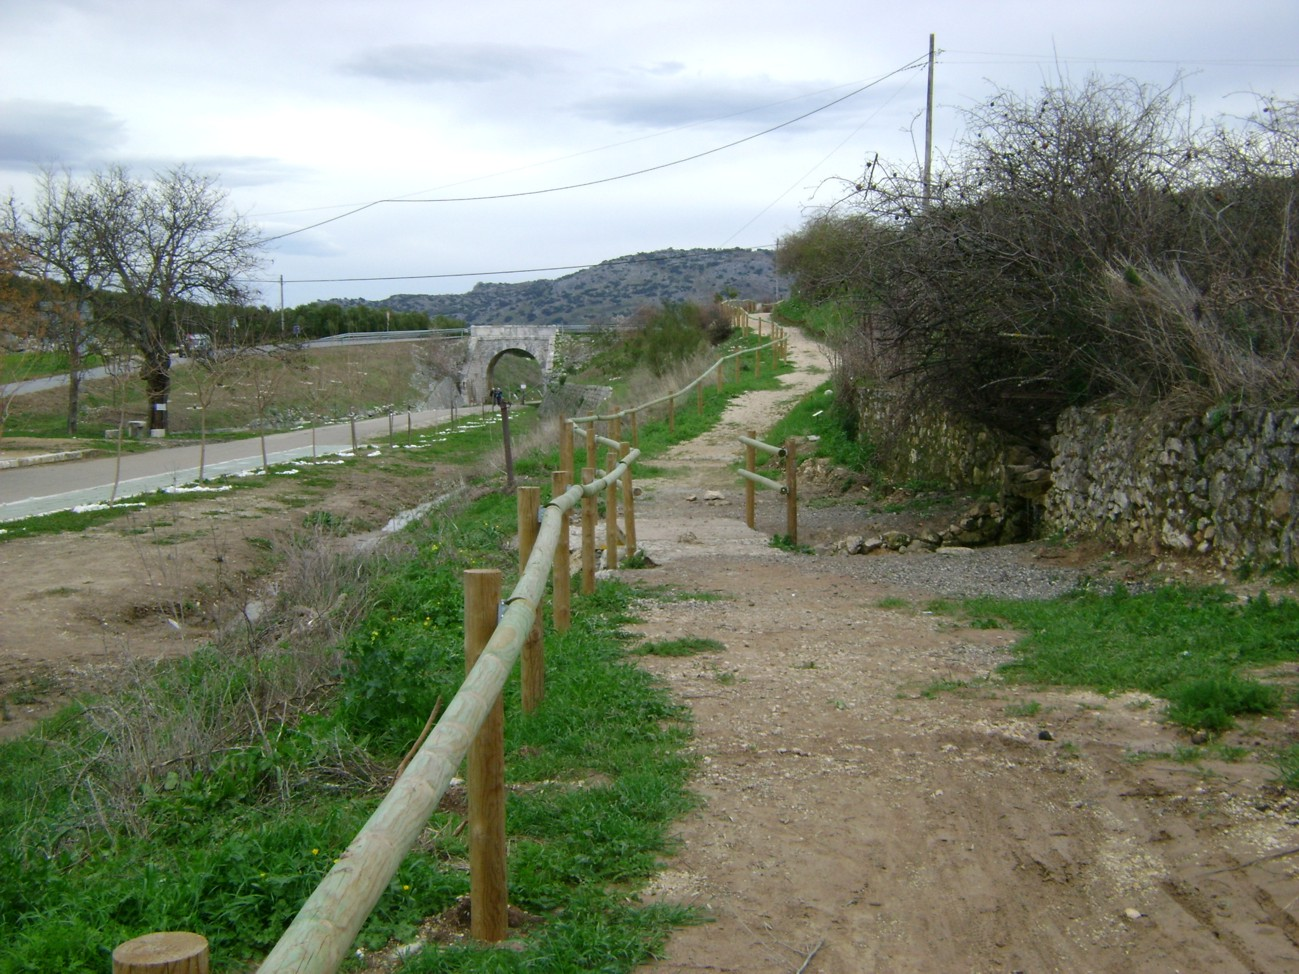 Vía Verde del Aceite a su paso por Doña Mencía, junto a la carretera A-318.